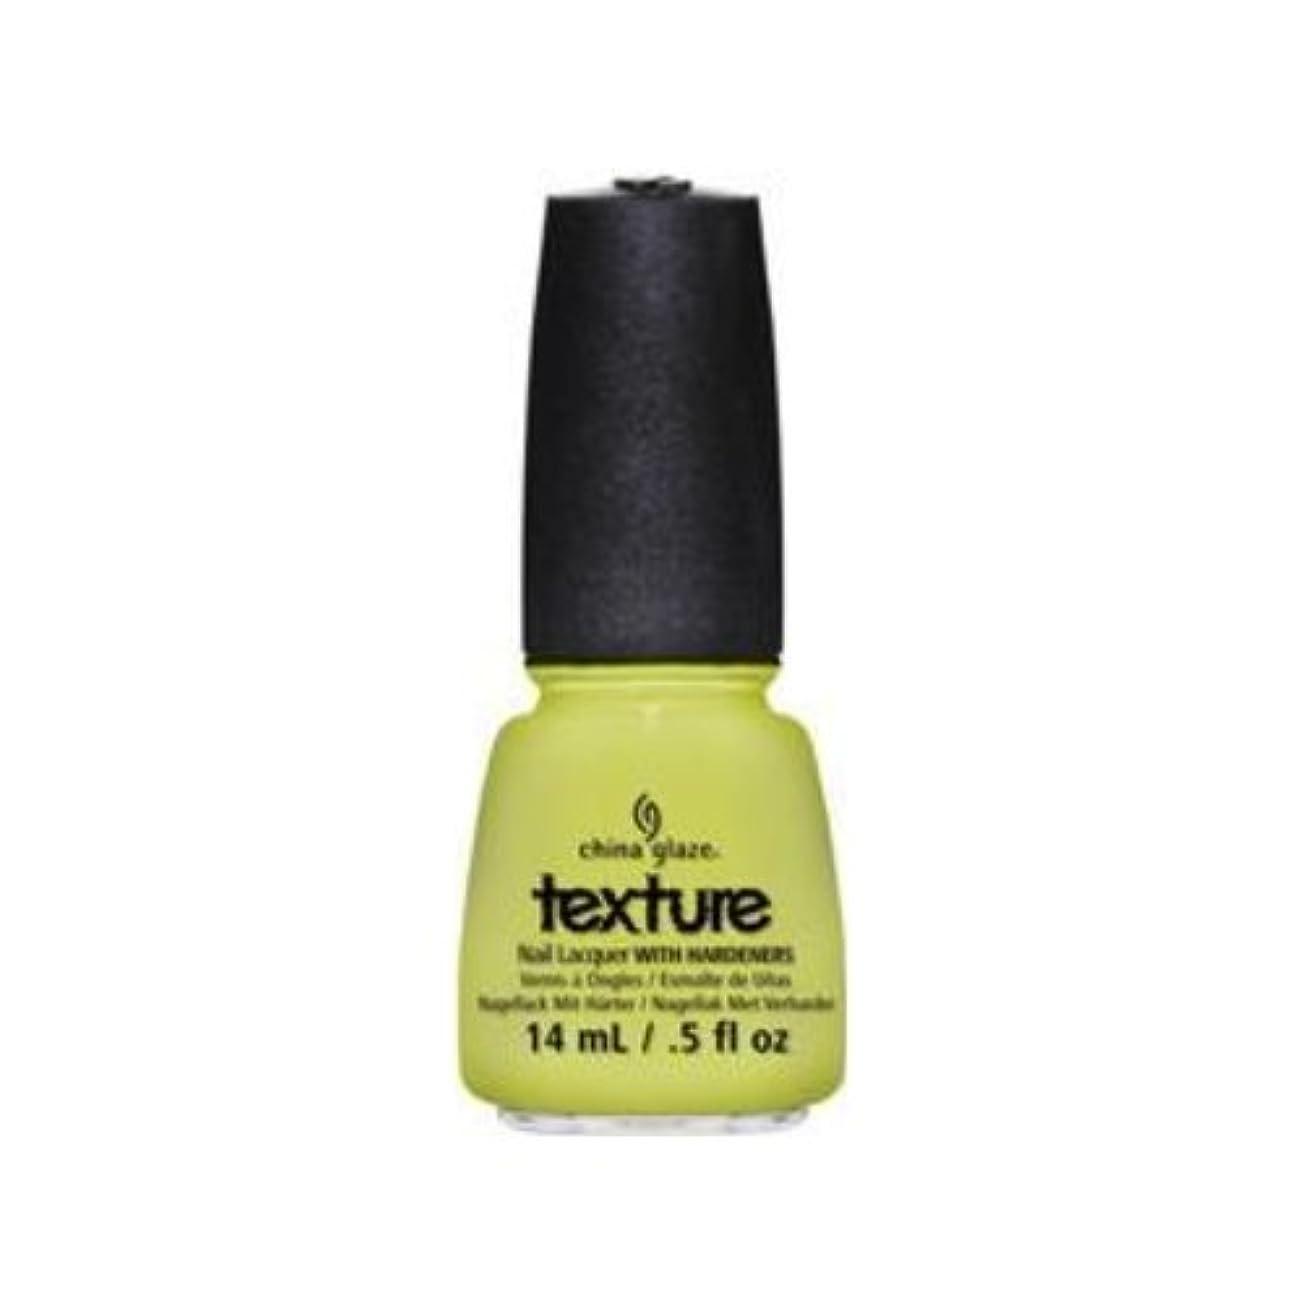 チャーム維持する普通の(3 Pack) CHINA GLAZE Texture Nail Lacquers - In The Rough (並行輸入品)